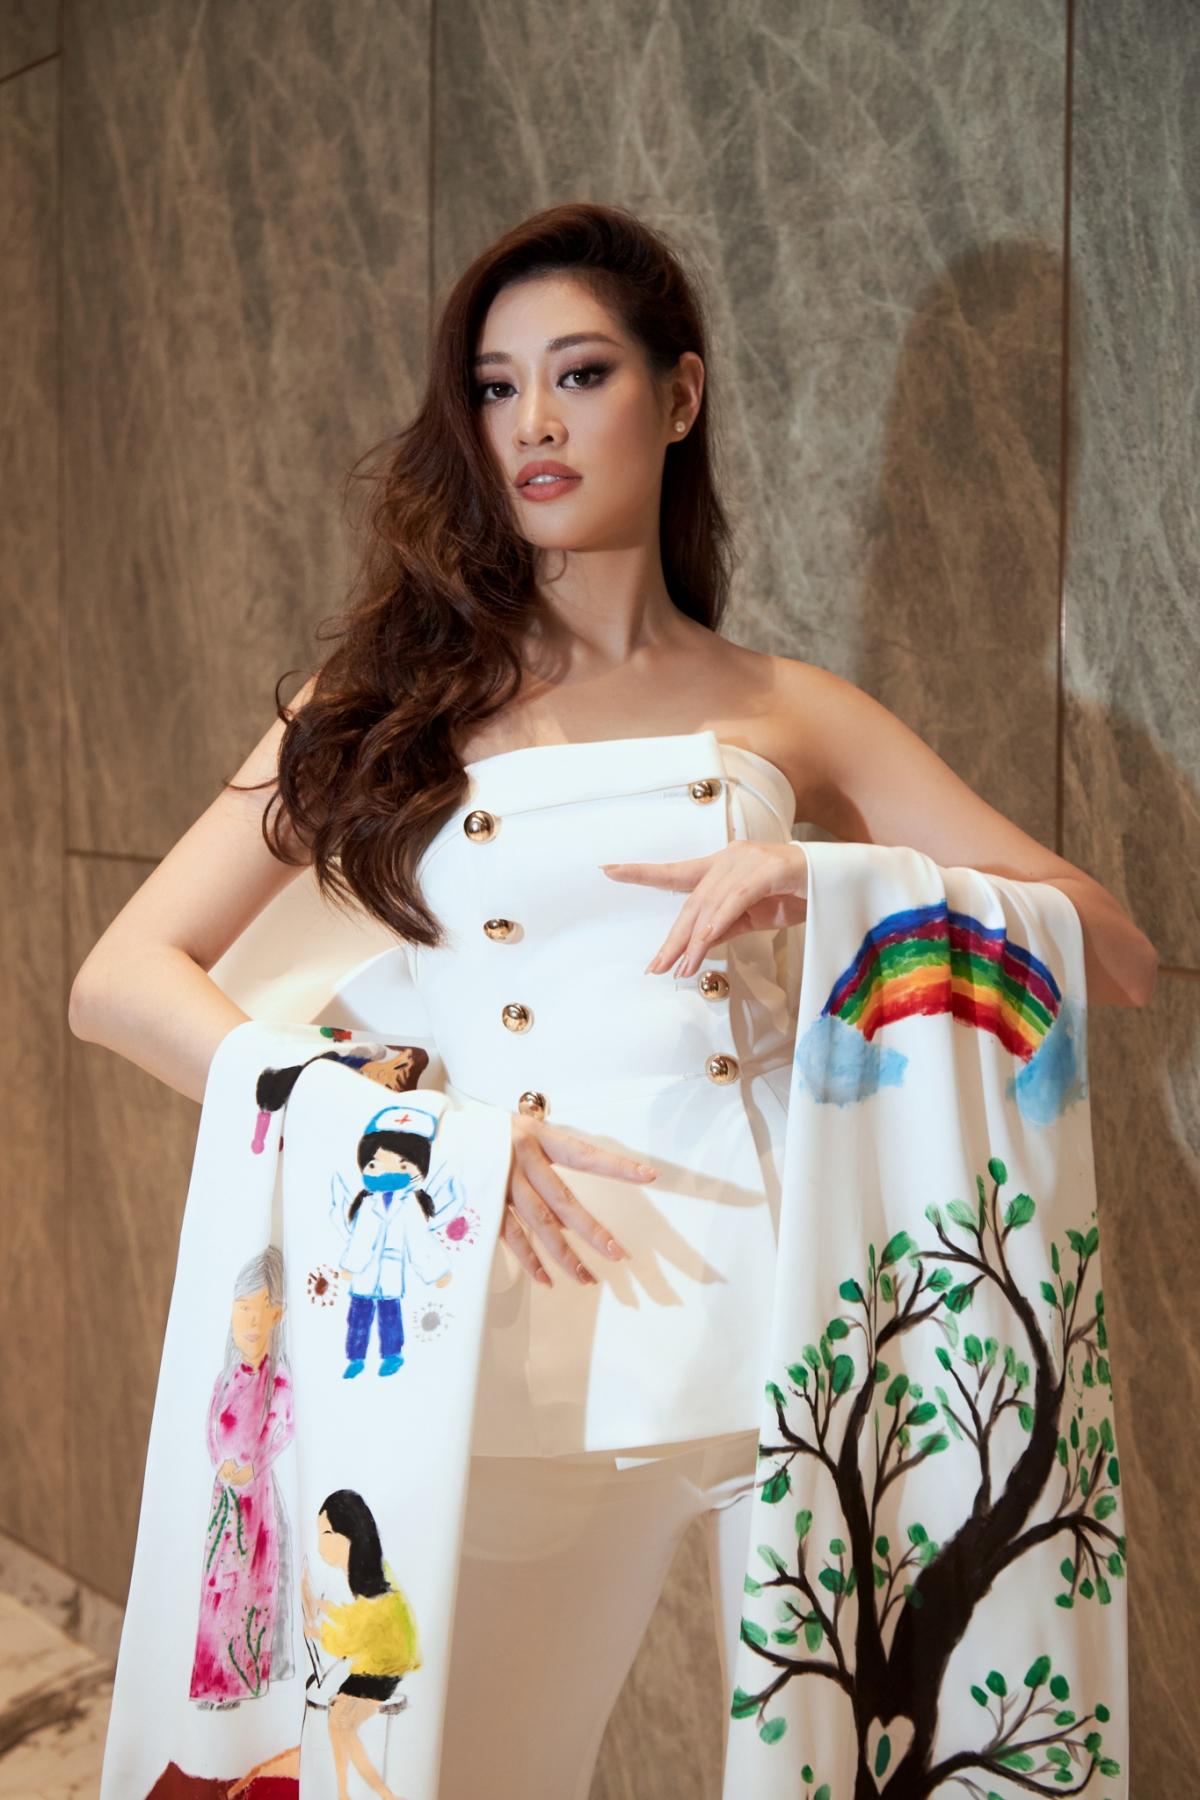 """Theo tiết lộ từ Hoa hậu Khánh Vân, tổ chức Miss Universe rất quan tâm đến dự án OBV mà Khánh Vân đang làm đại sứ, 60% câu hỏi trong buổi phỏng vấn đều xoay quanh chủ đề OBV và câu chuyện đem tiếng nói bảo vệ phụ nữ, trẻ em được Khánh Vân theo đuổi suốt hơn một năm nay. Đặc biệt, lời giới thiệu """"người chị lớn của 40 em nhỏ ngôi nhà OBV"""" được tổ chức Miss Universe dành nhiều tình cảm và tò mò về đại diện của Việt Nam."""